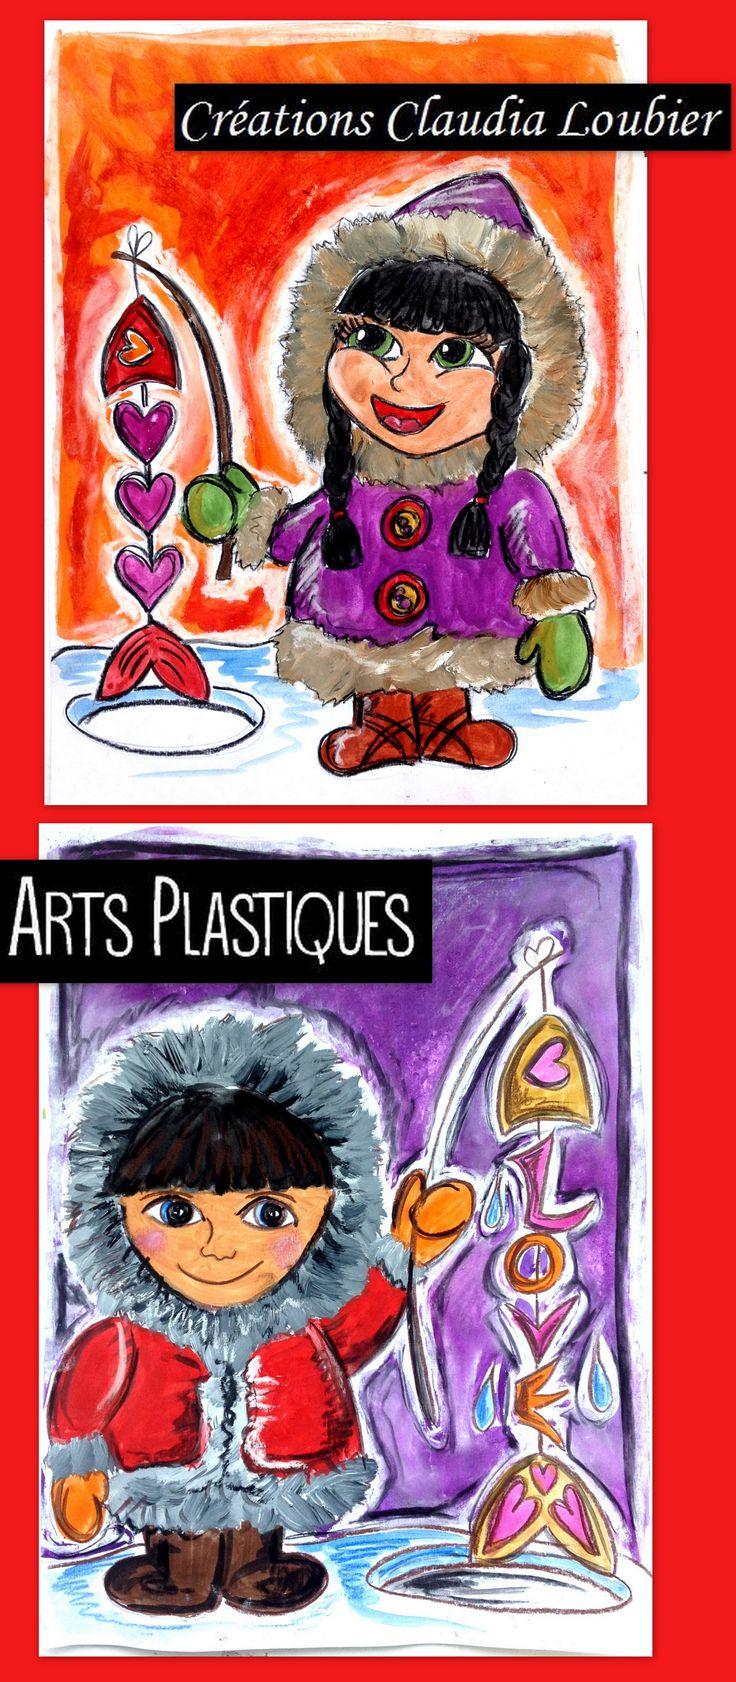 Projet d'arts plastiques pour l'hiver et la St-Valentin. Pour les 3e année et plus. Vous aurez besoin de crayon de bois noir, de gouache en pain, d'une craie à tableau et de fusain. Le fusain n'est pas obligatoire. Démarche avec photo ainsi que grille d'évaluation incluse. Bonne pêche !